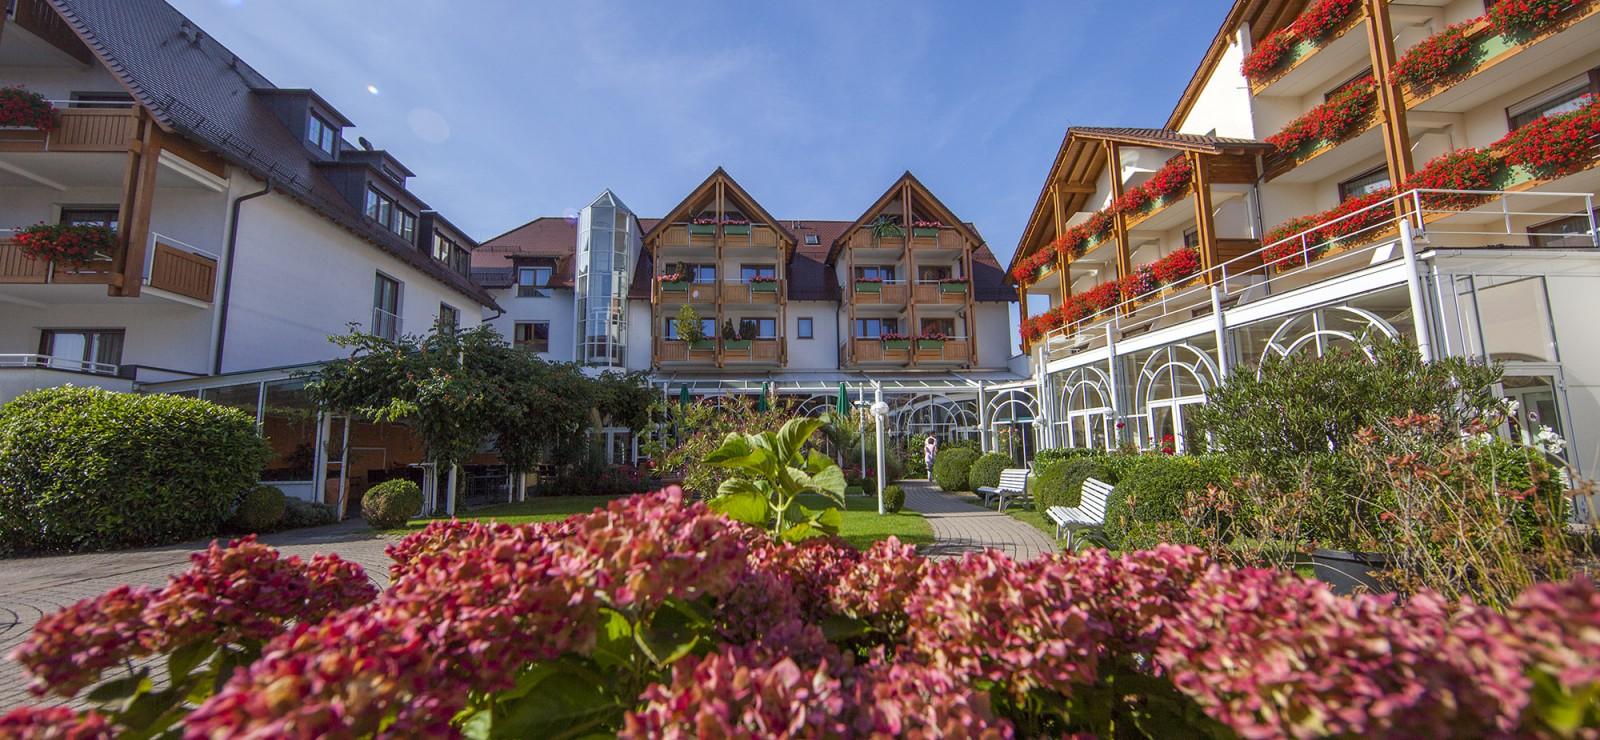 Ringhotel Krone Schnetzenhausen Bilder | Bild 1